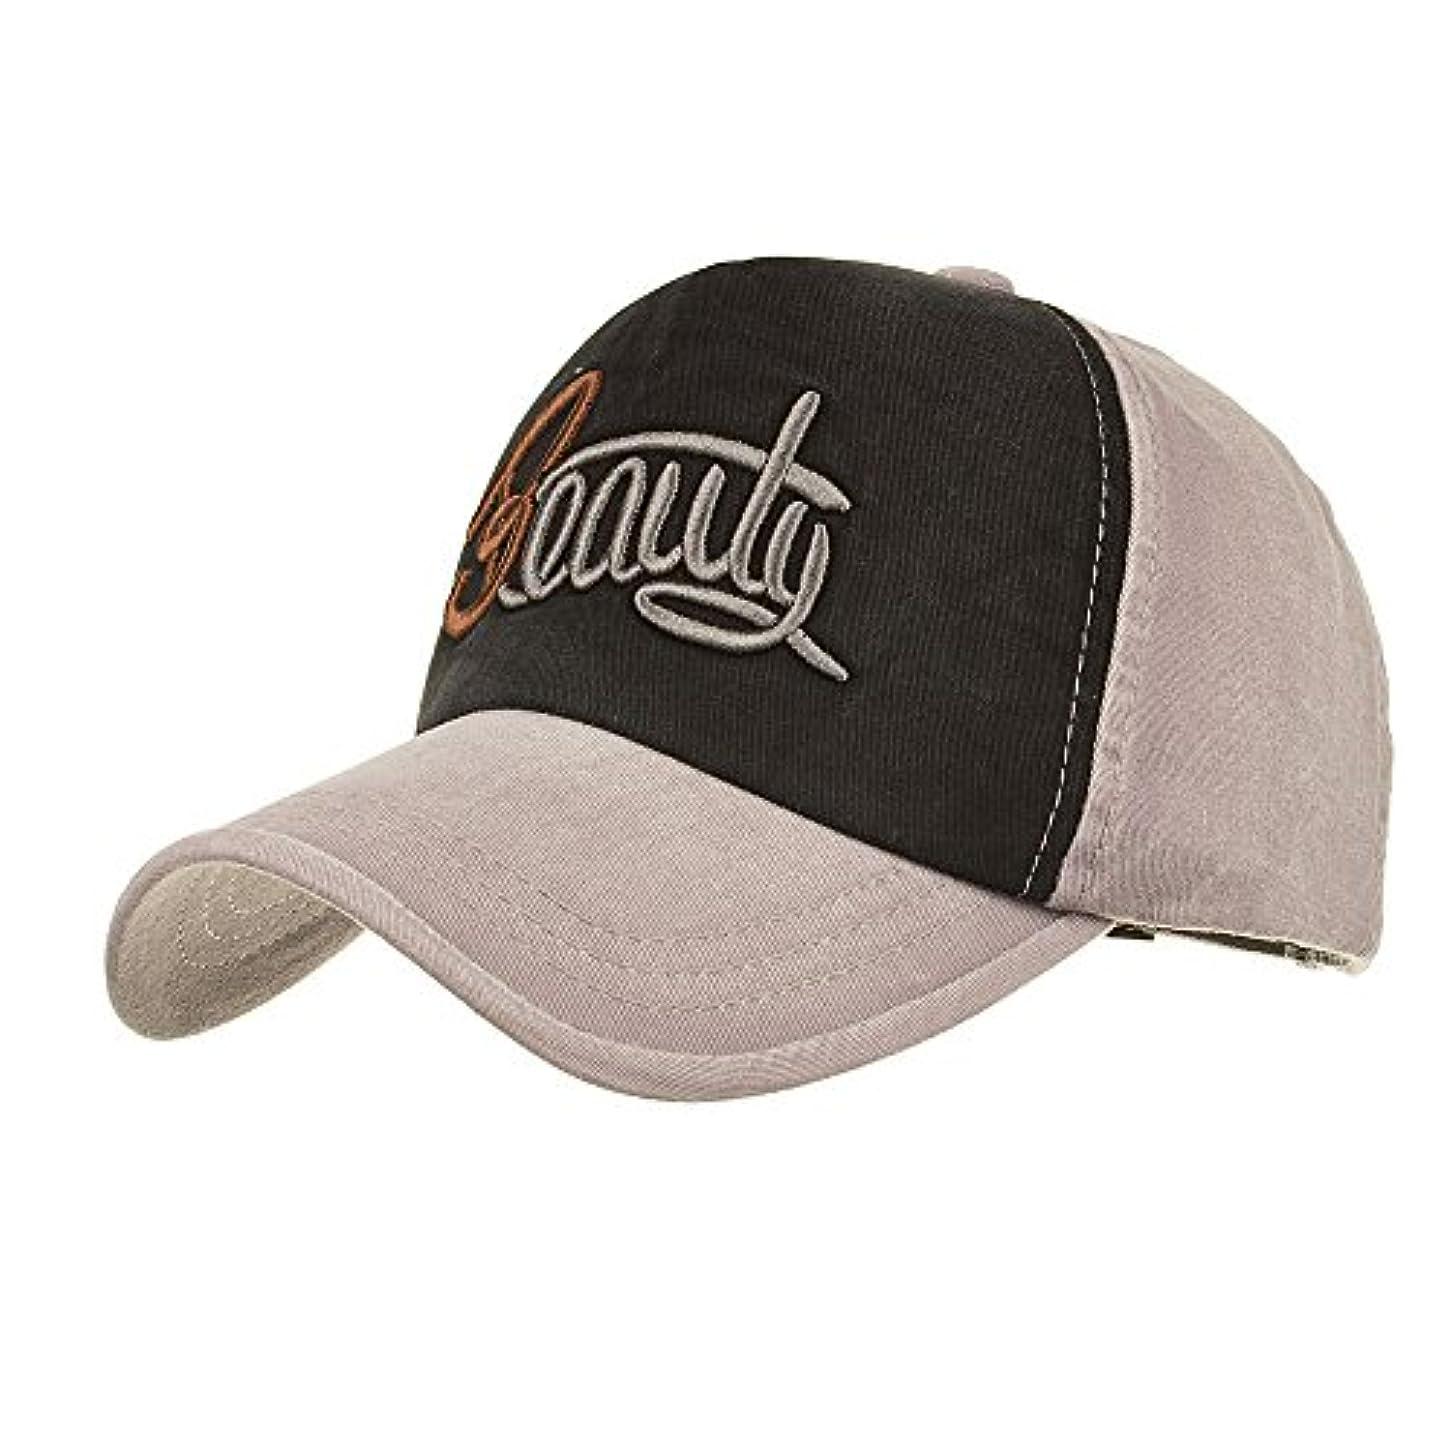 利用可能節約歩くRacazing Cap パッチワーク刺繍 ヒップホップ 野球帽 通気性のある 帽子 夏 登山 可調整可能 棒球帽 UV 帽子 軽量 屋外 Unisex Hat (グレー)